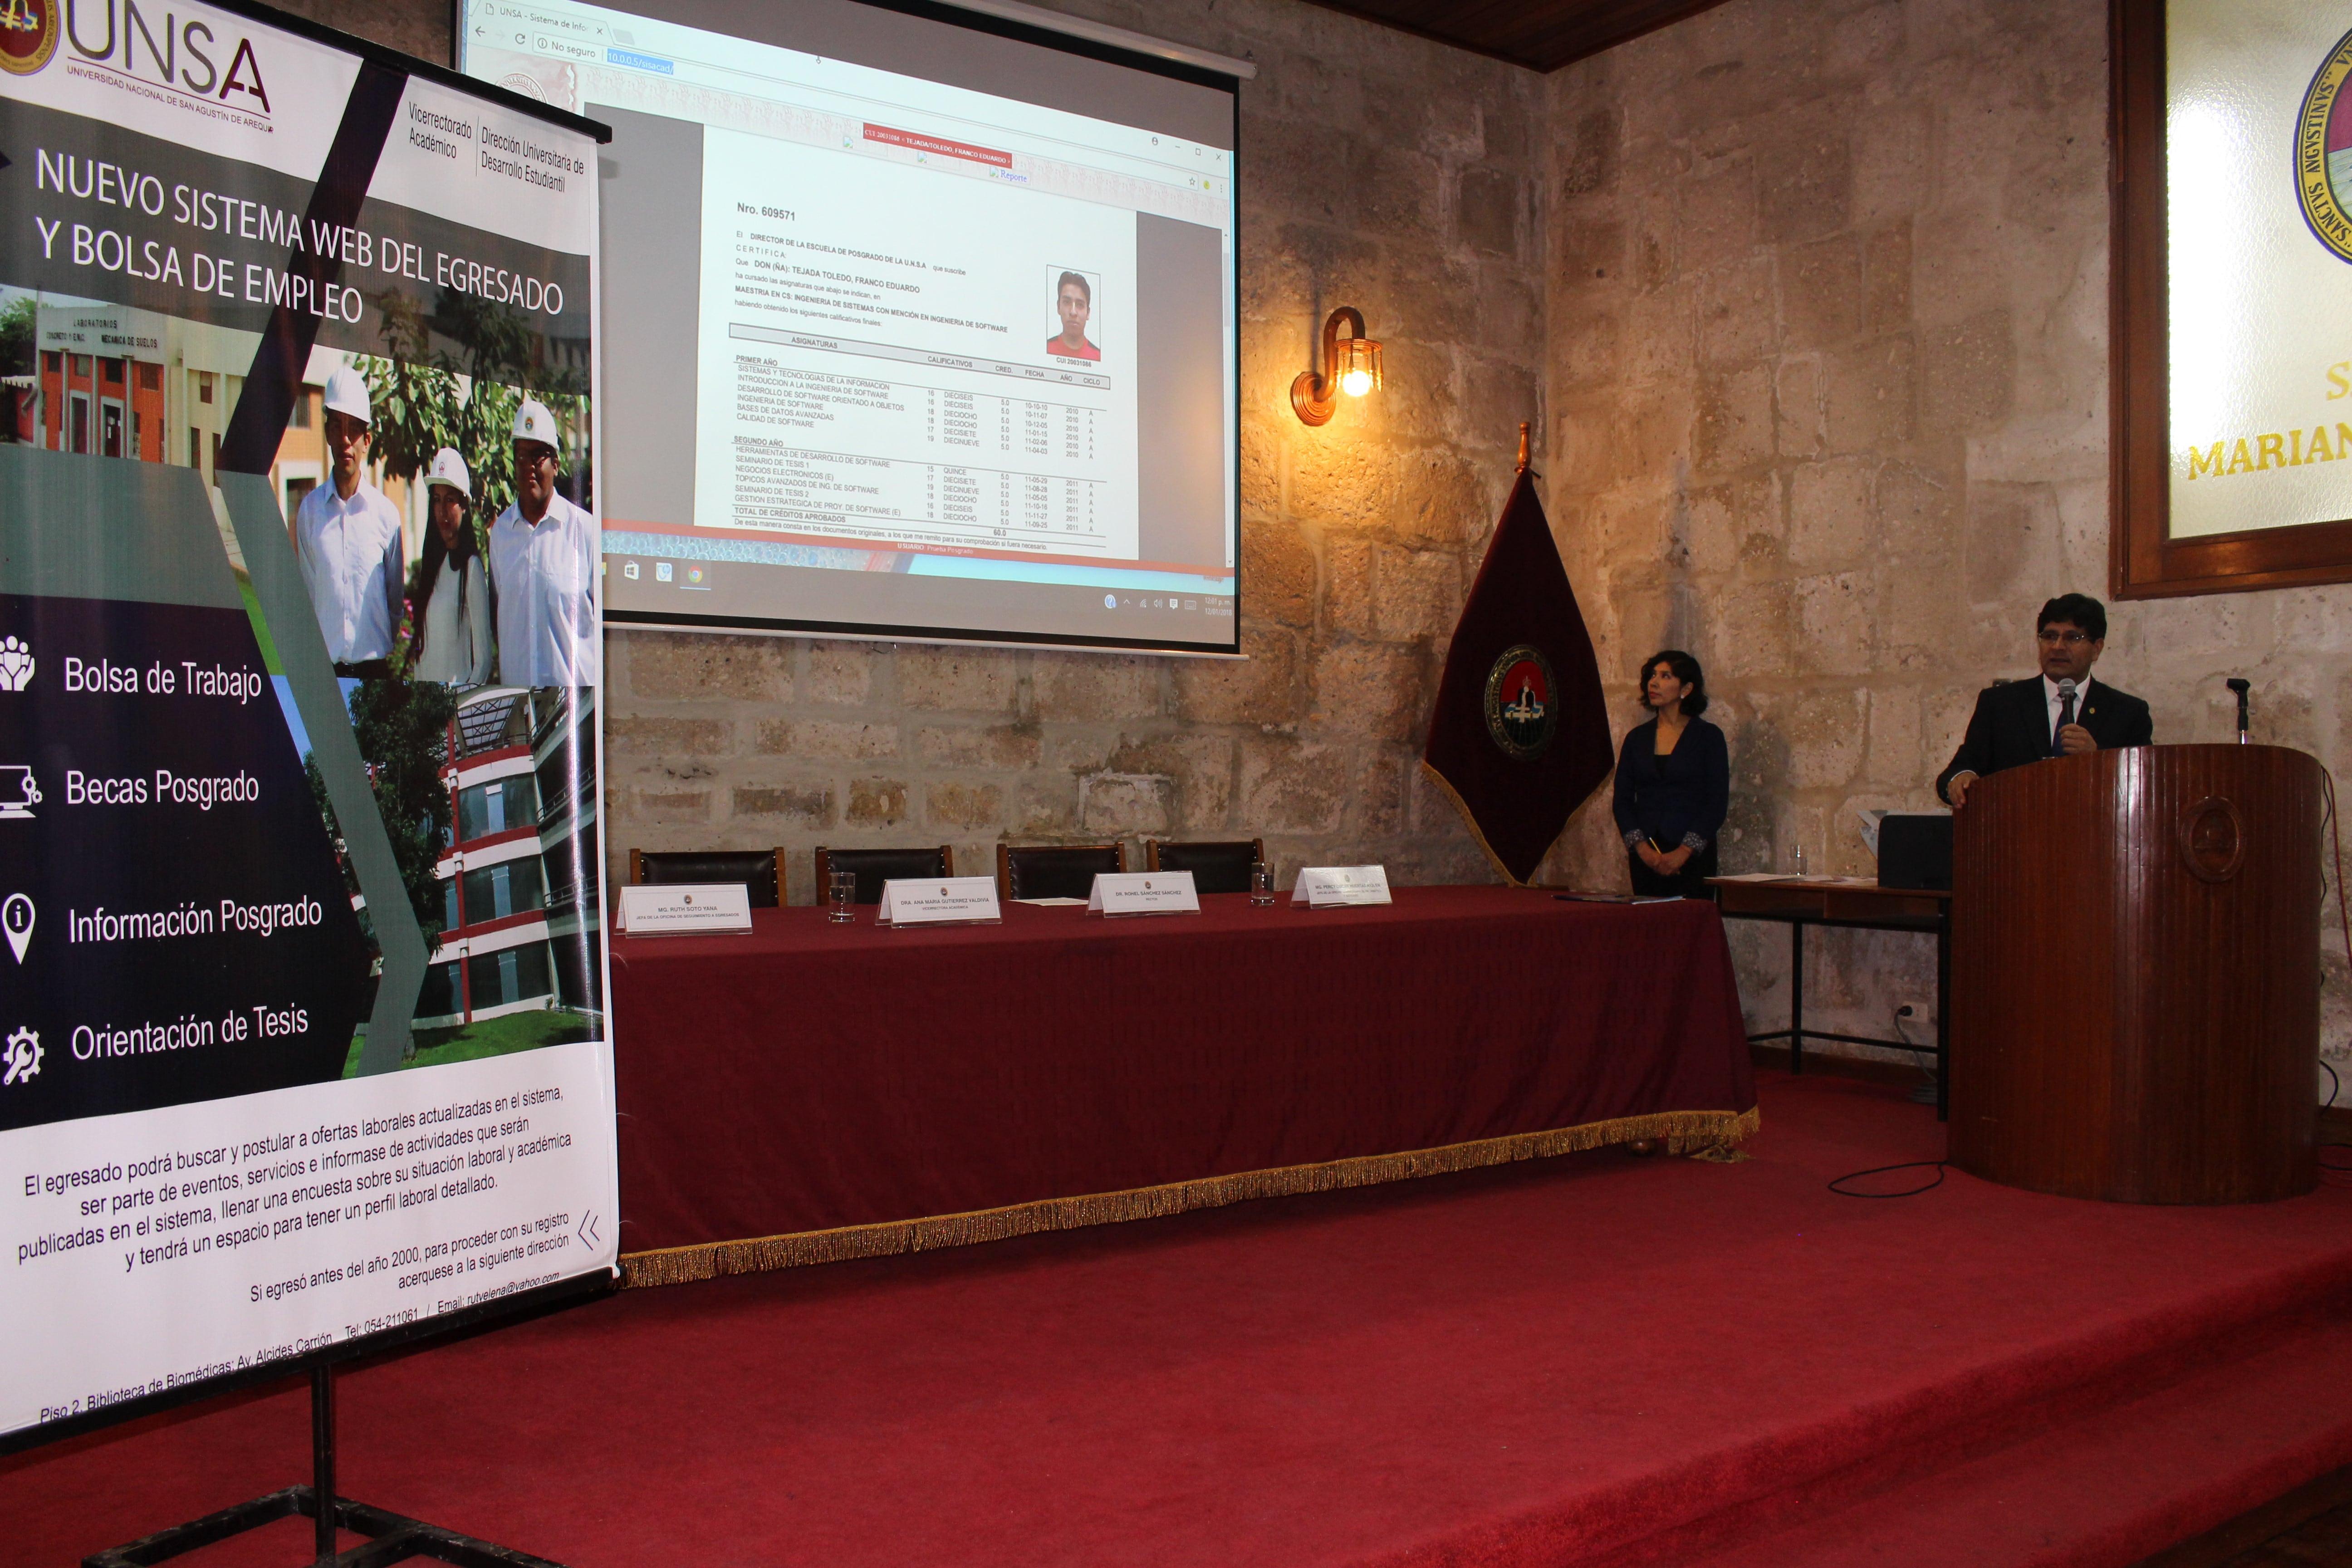 Unsa present sistema web del egresado y bolsa de empleo for Bolsa de trabajo oficinas de gobierno